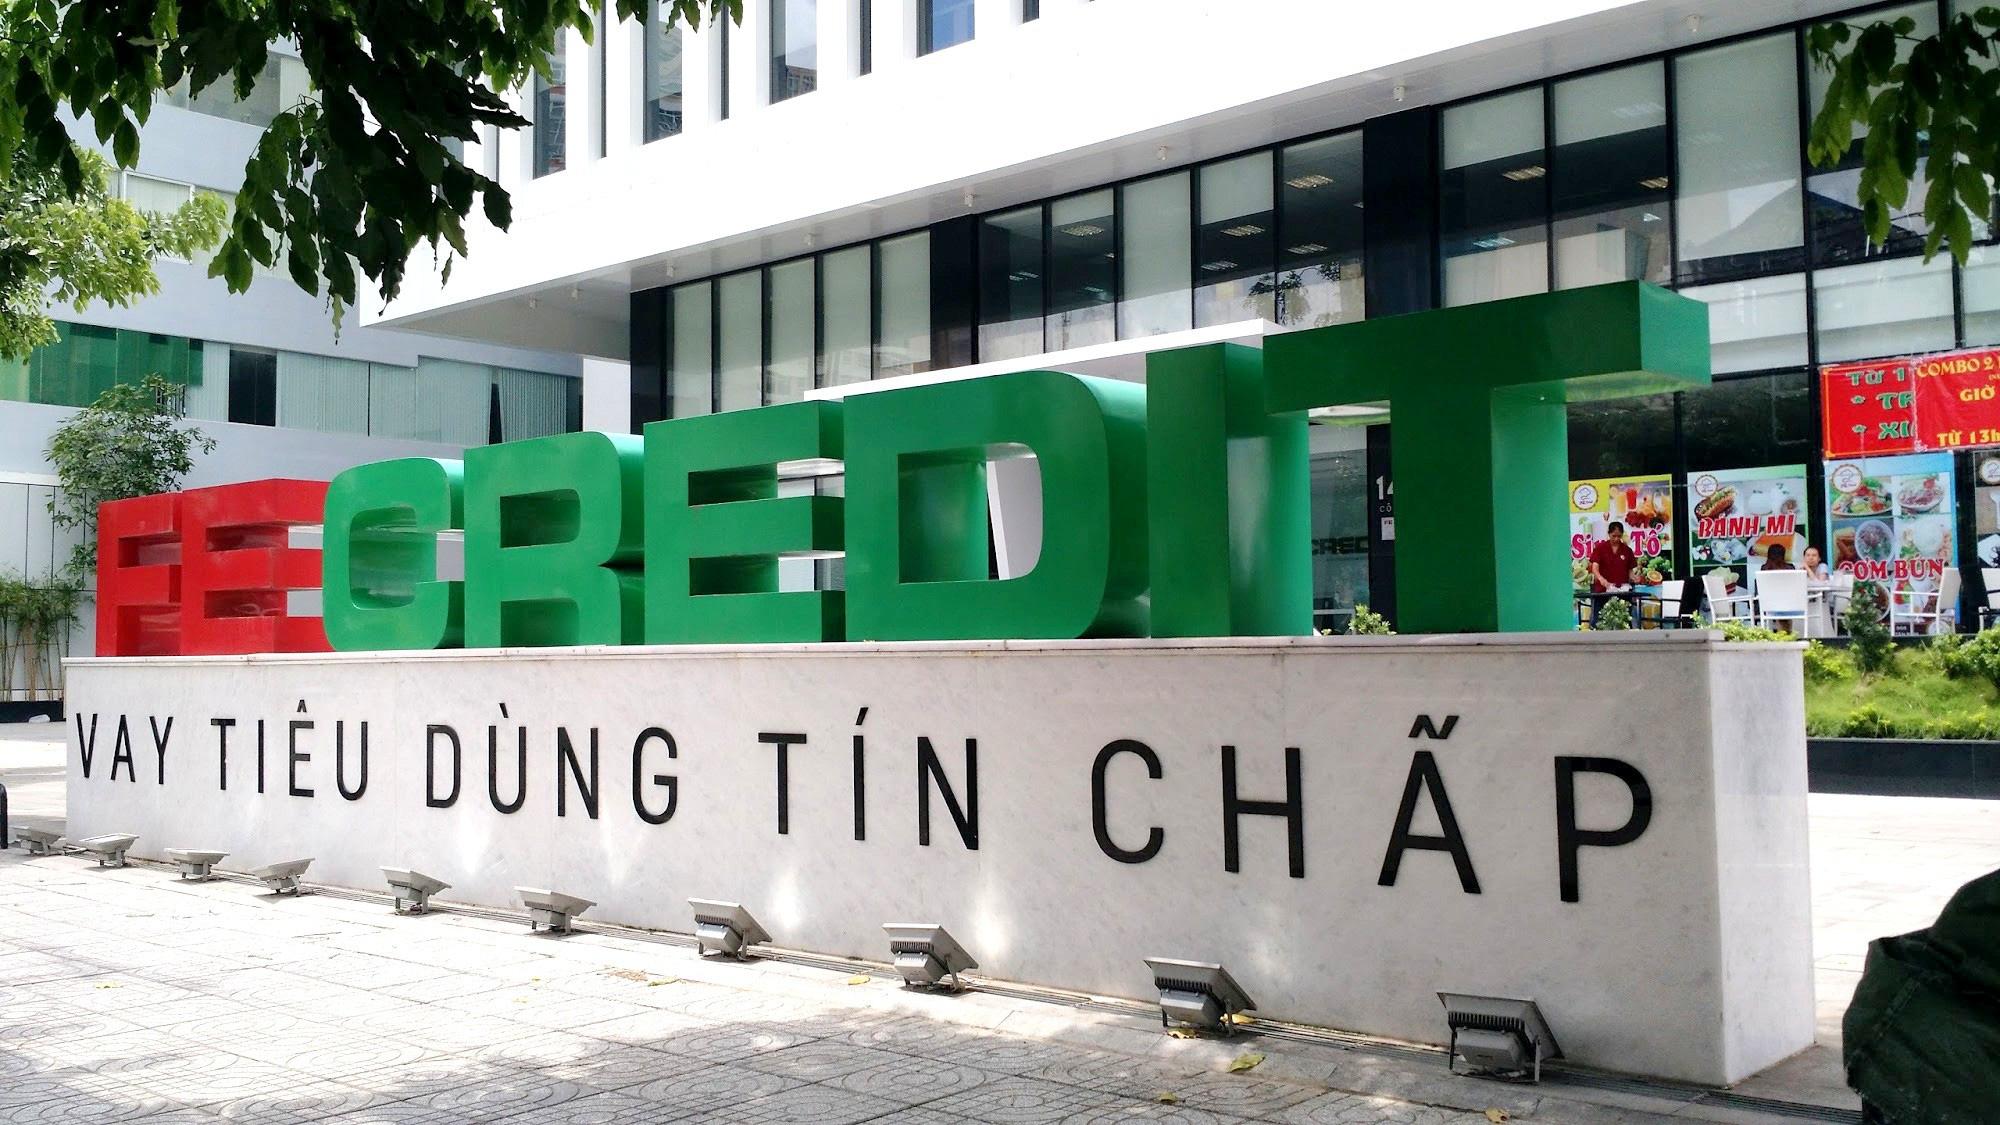 """Phó Thủ tướng Trương Hòa Bình yêu cầu làm rõ thông tin """"Trả nợ cho Fe Credid bằng cách tìm cái chết""""  - Ảnh 1."""